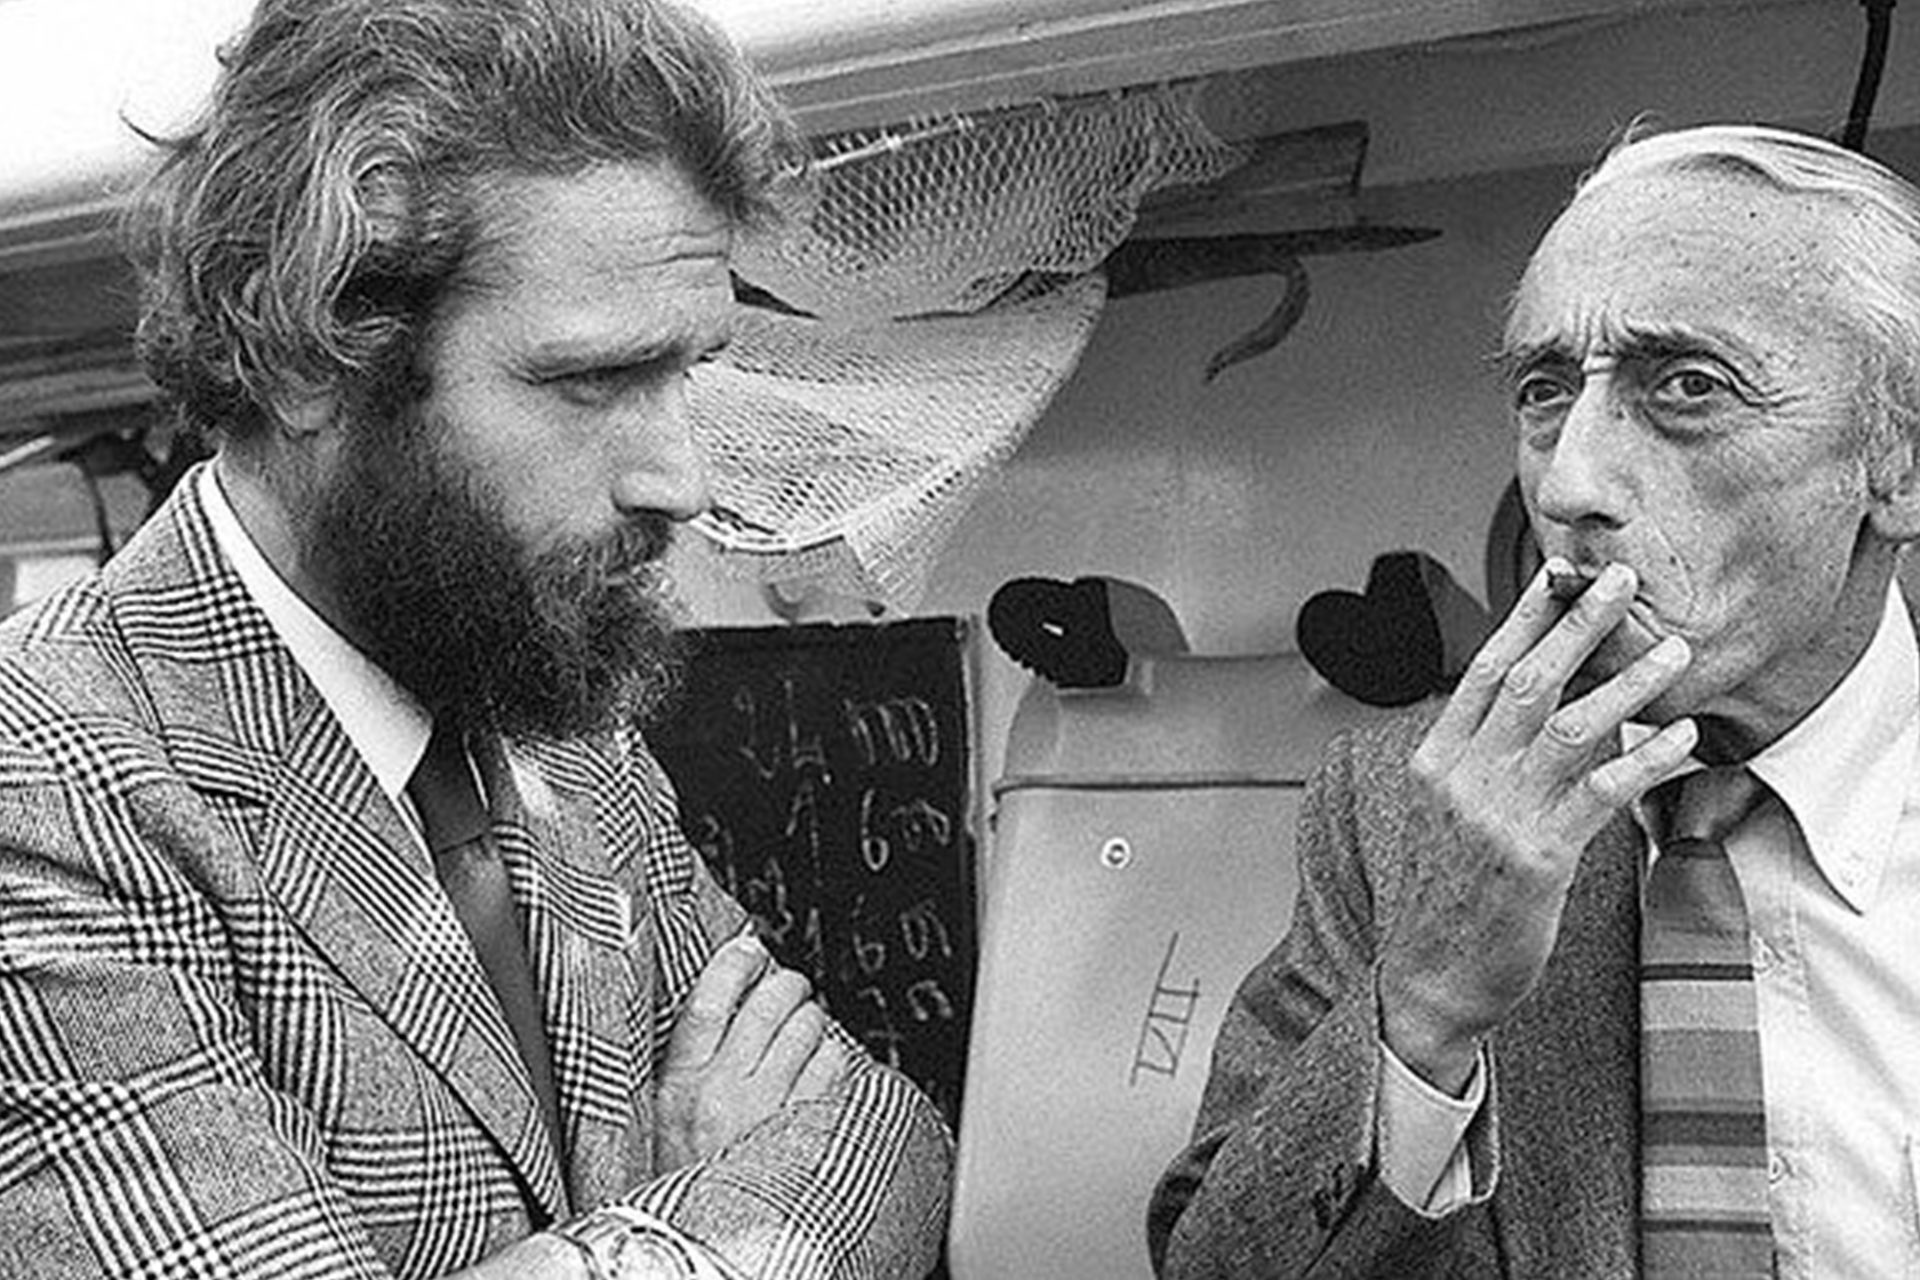 Philippe Cousteau et Jacques-Yves Cousteau